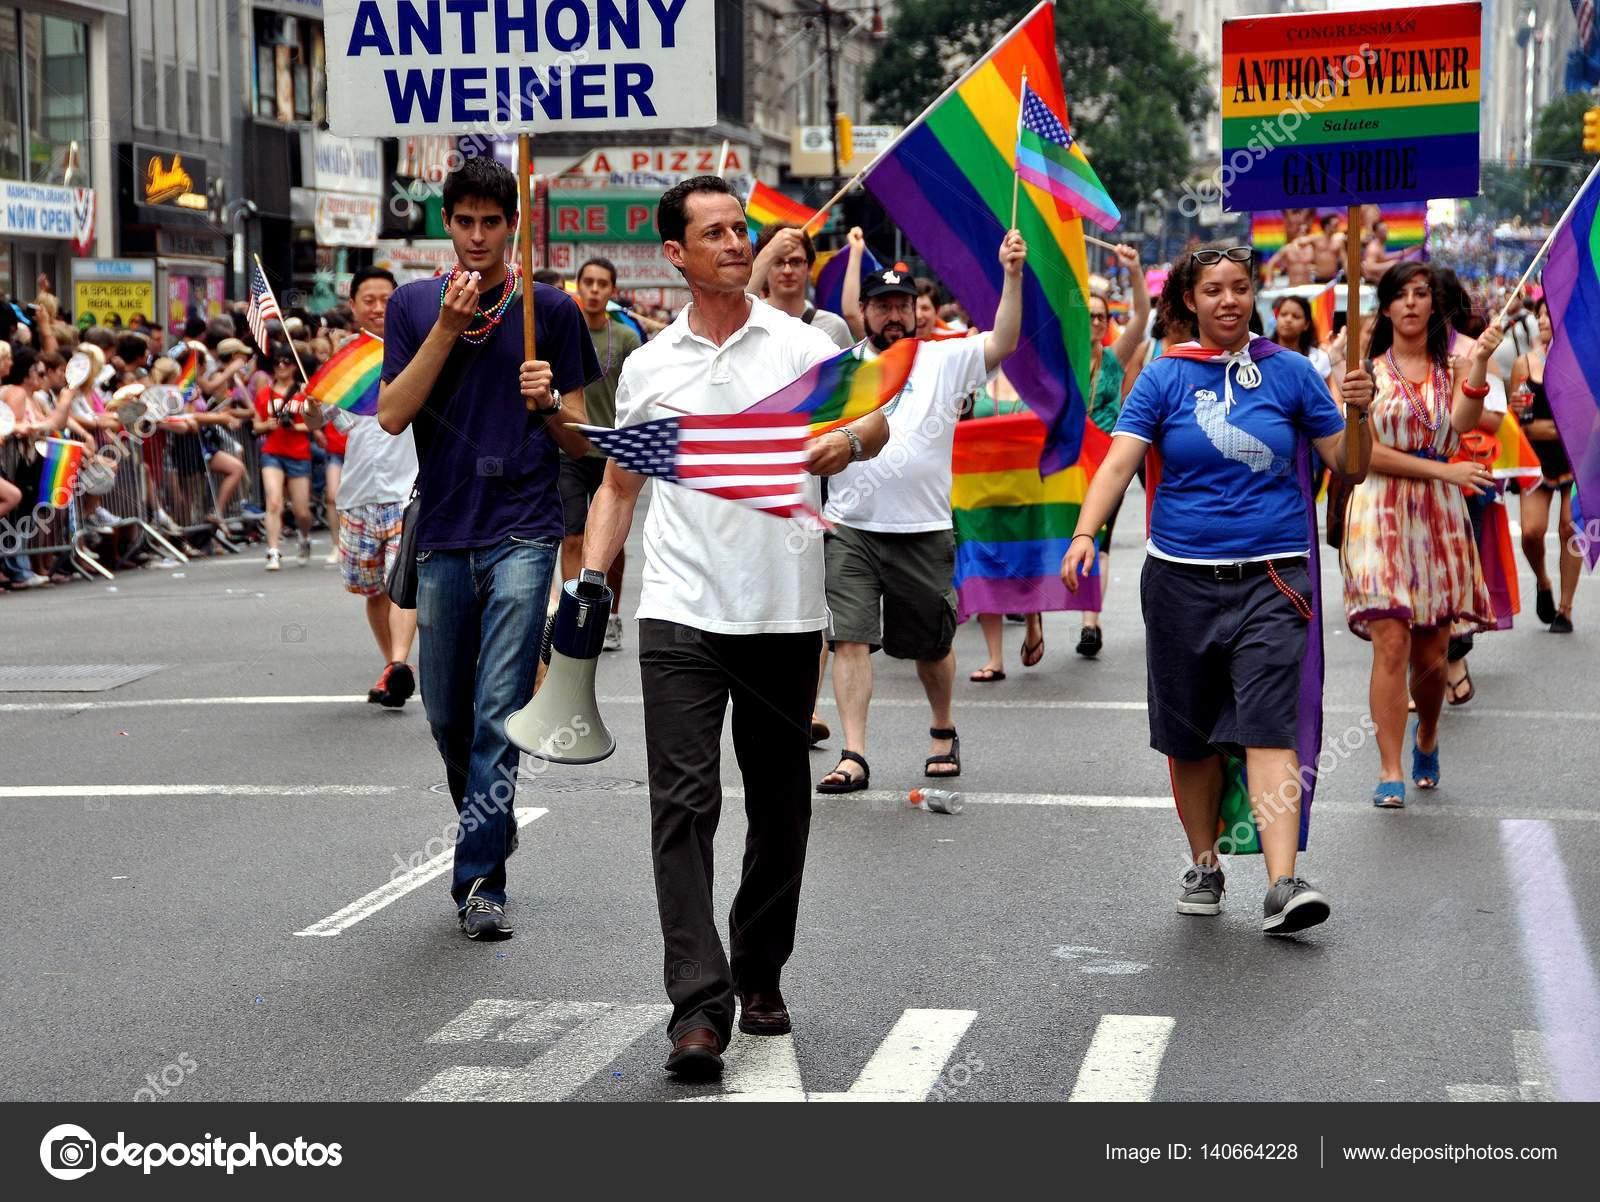 Anthony weiner gay galleries 533